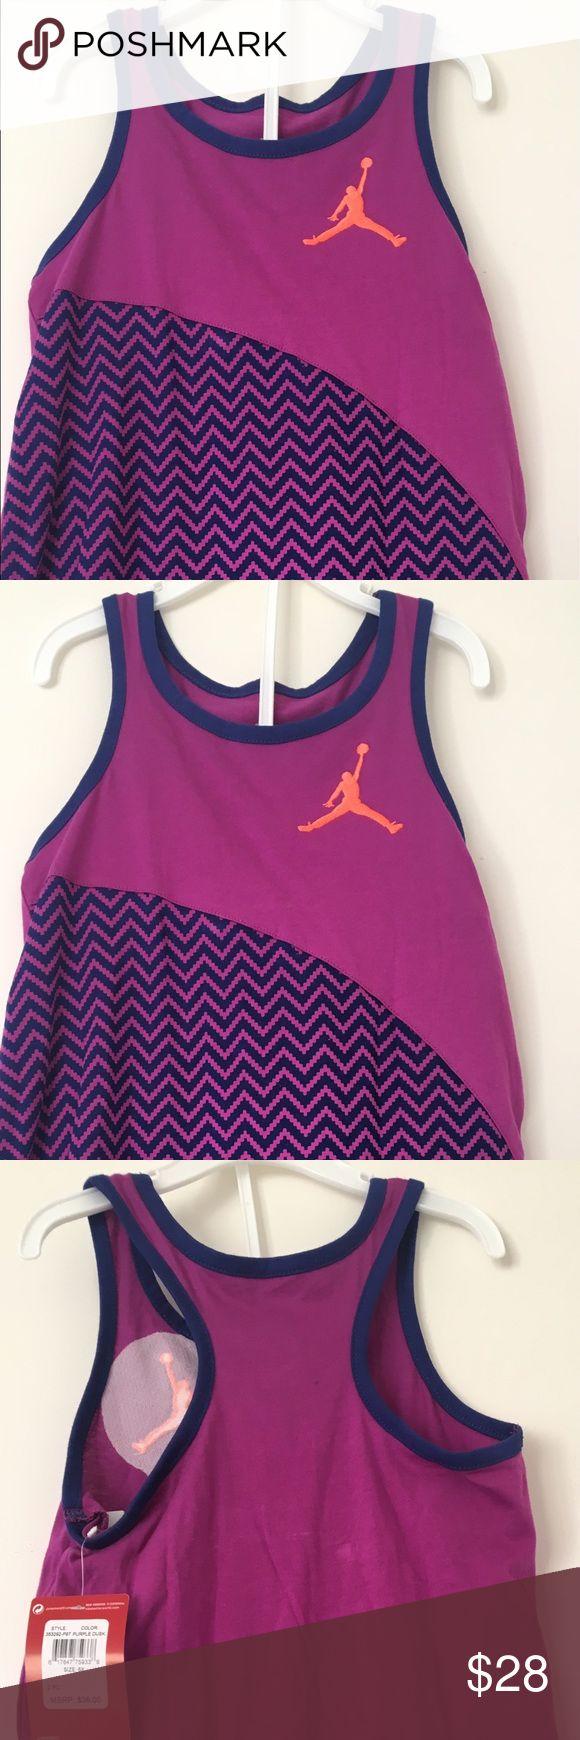 Jordan Girls Active Purple & Orange Set Size 6X Jordan Girls Active Purple & Orange 2 Piece Top And Short Set Size 6X Jordan Matching Sets